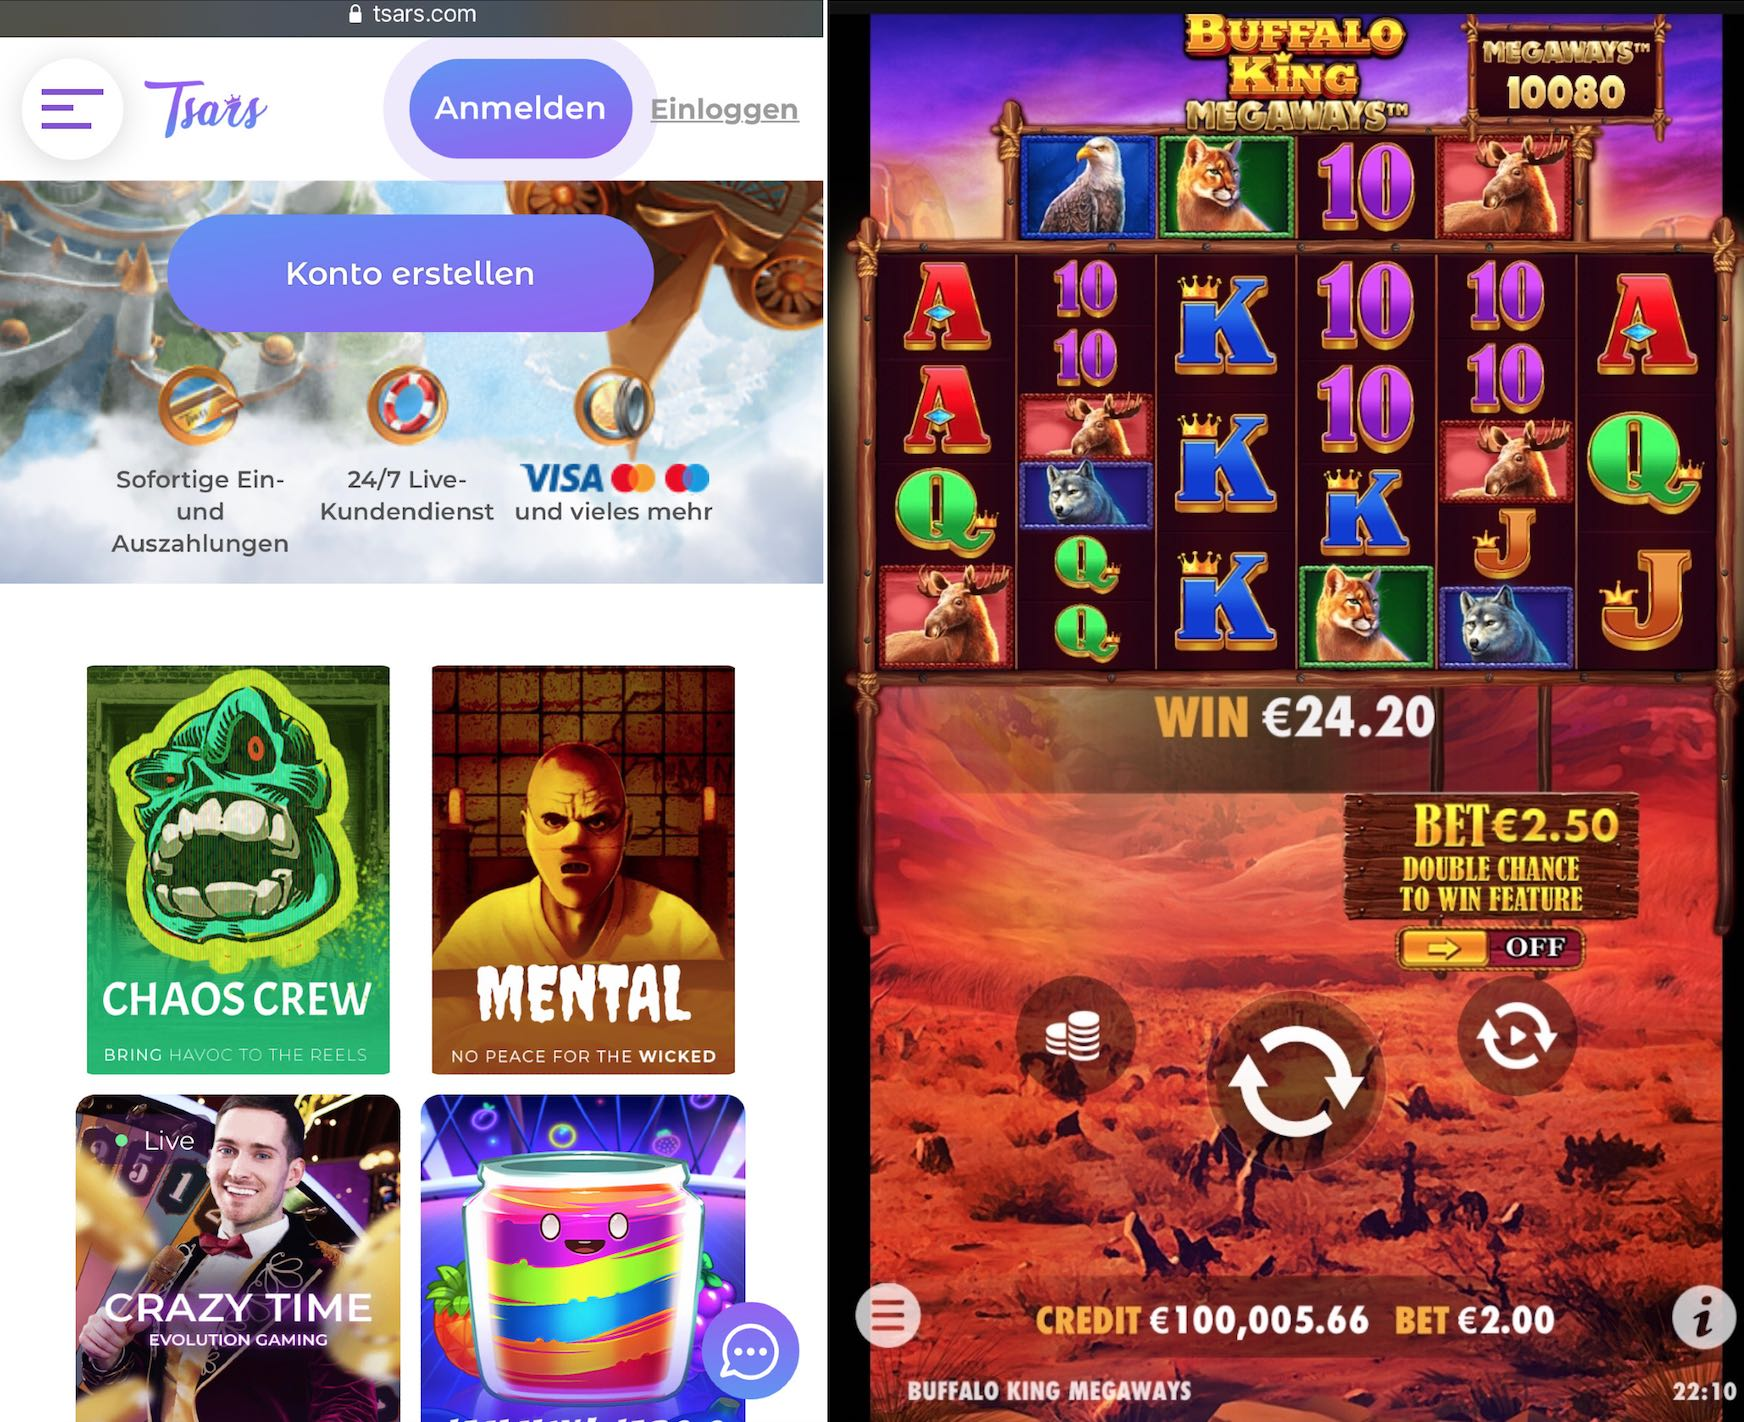 Tsars Casino App